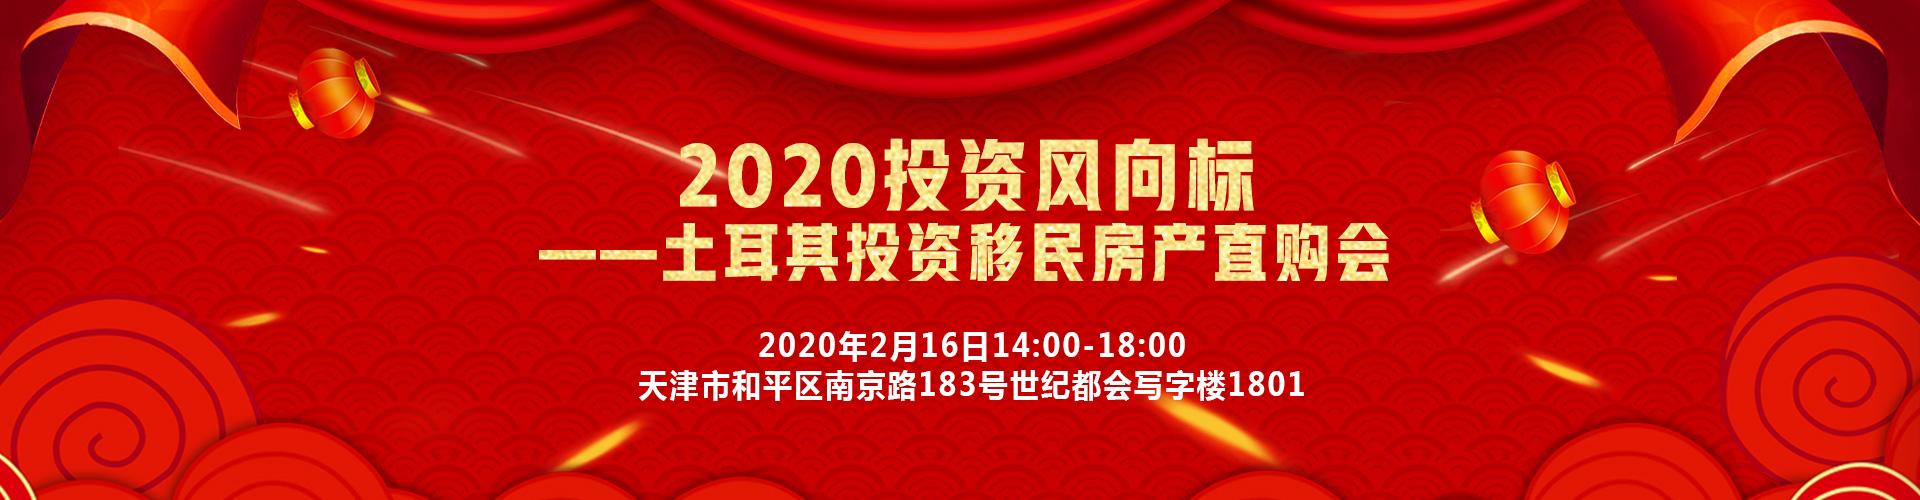 【天津分公司】2020投资风向标——土耳其投资移民房产直购会